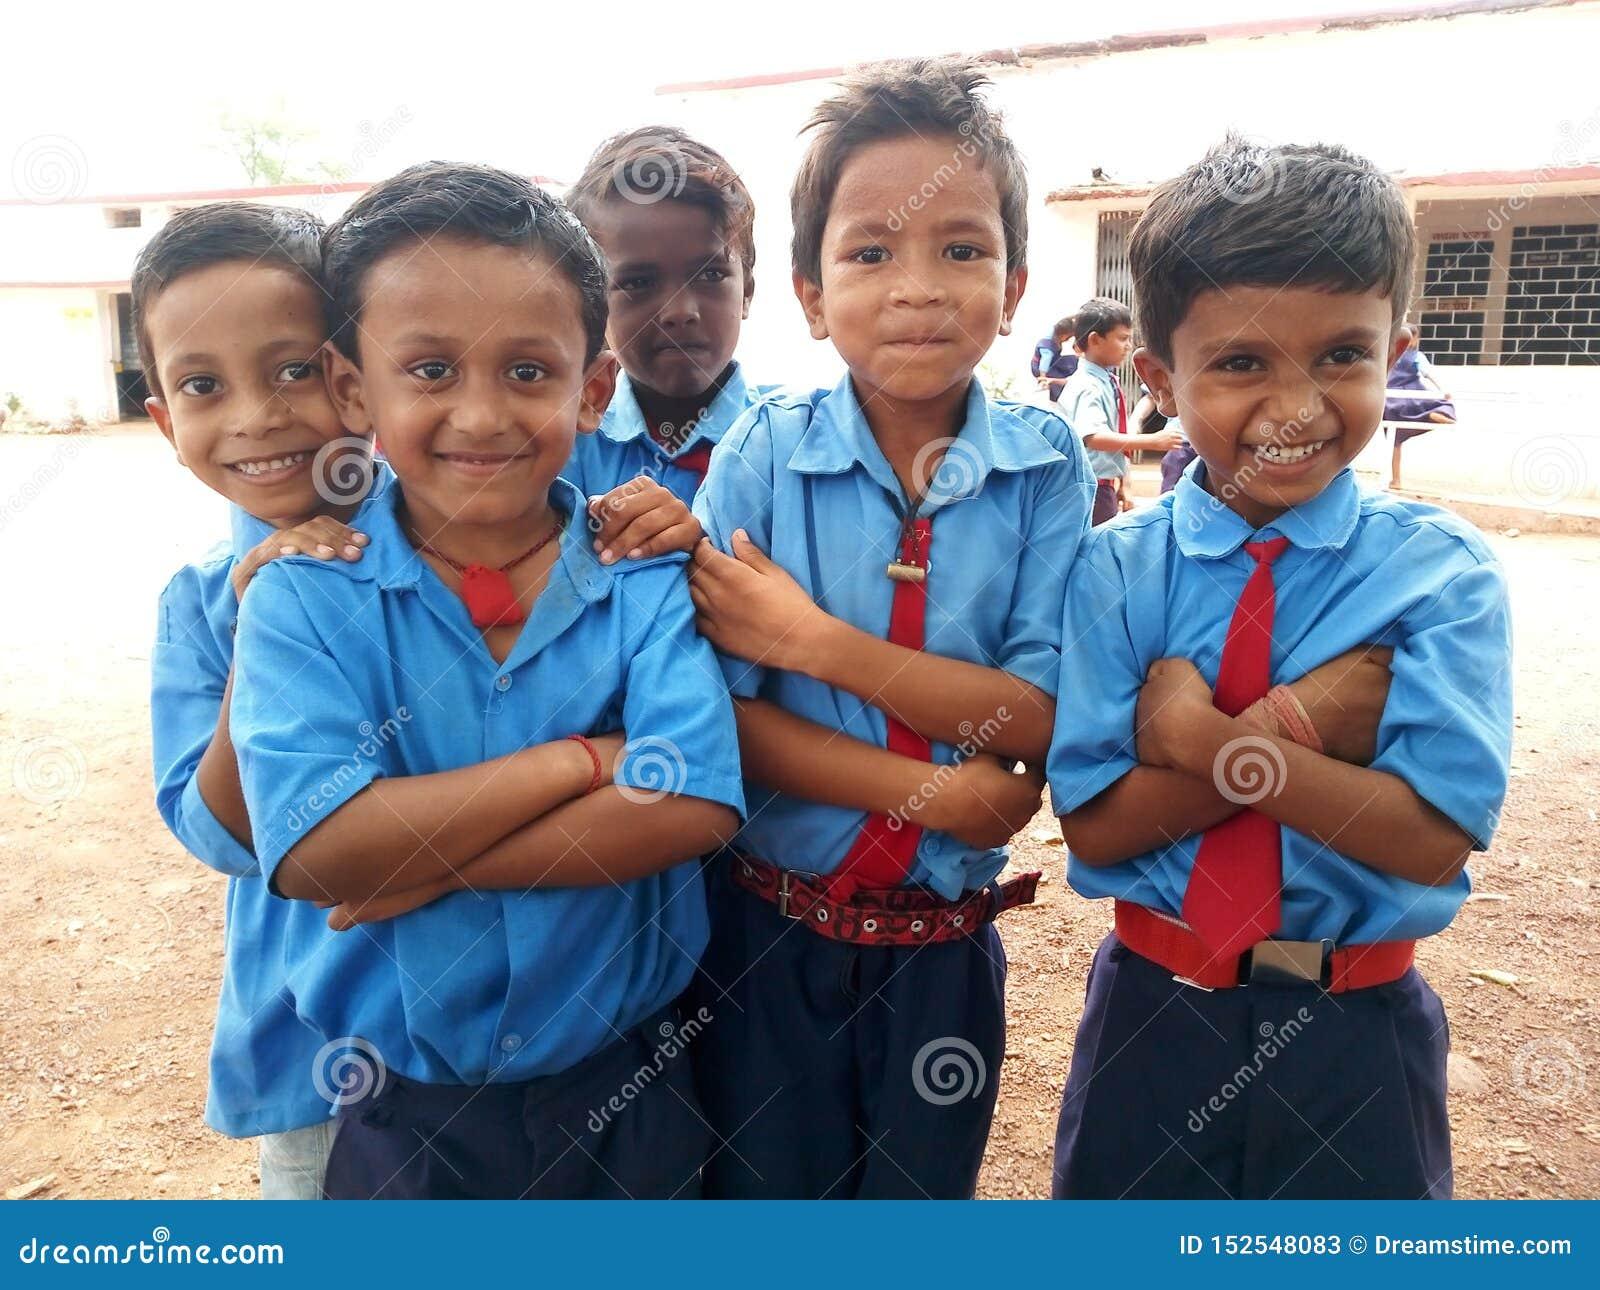 Regeringgrundskola för barn mellan 5 och 11 årstudenter ler